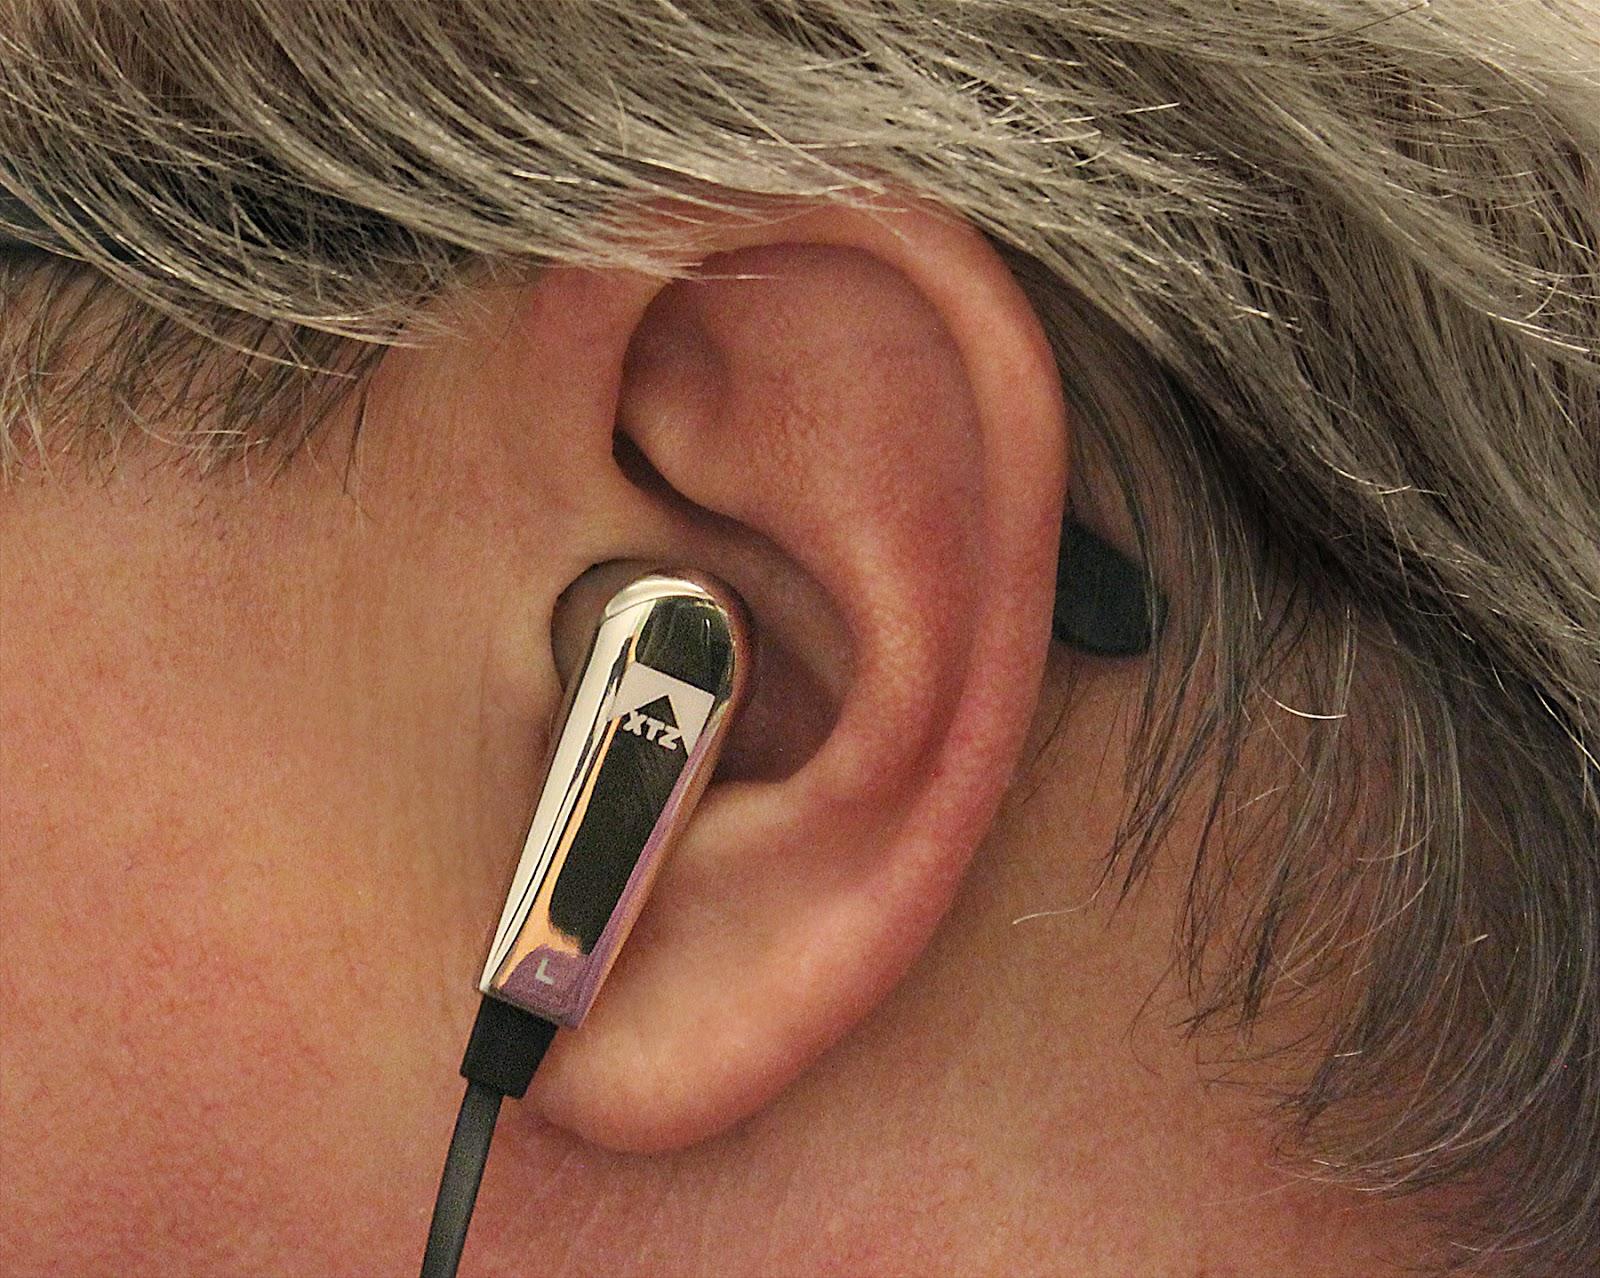 Bahaya Penggunaan Fon Telinga Boleh Mengakibatkan Pekak